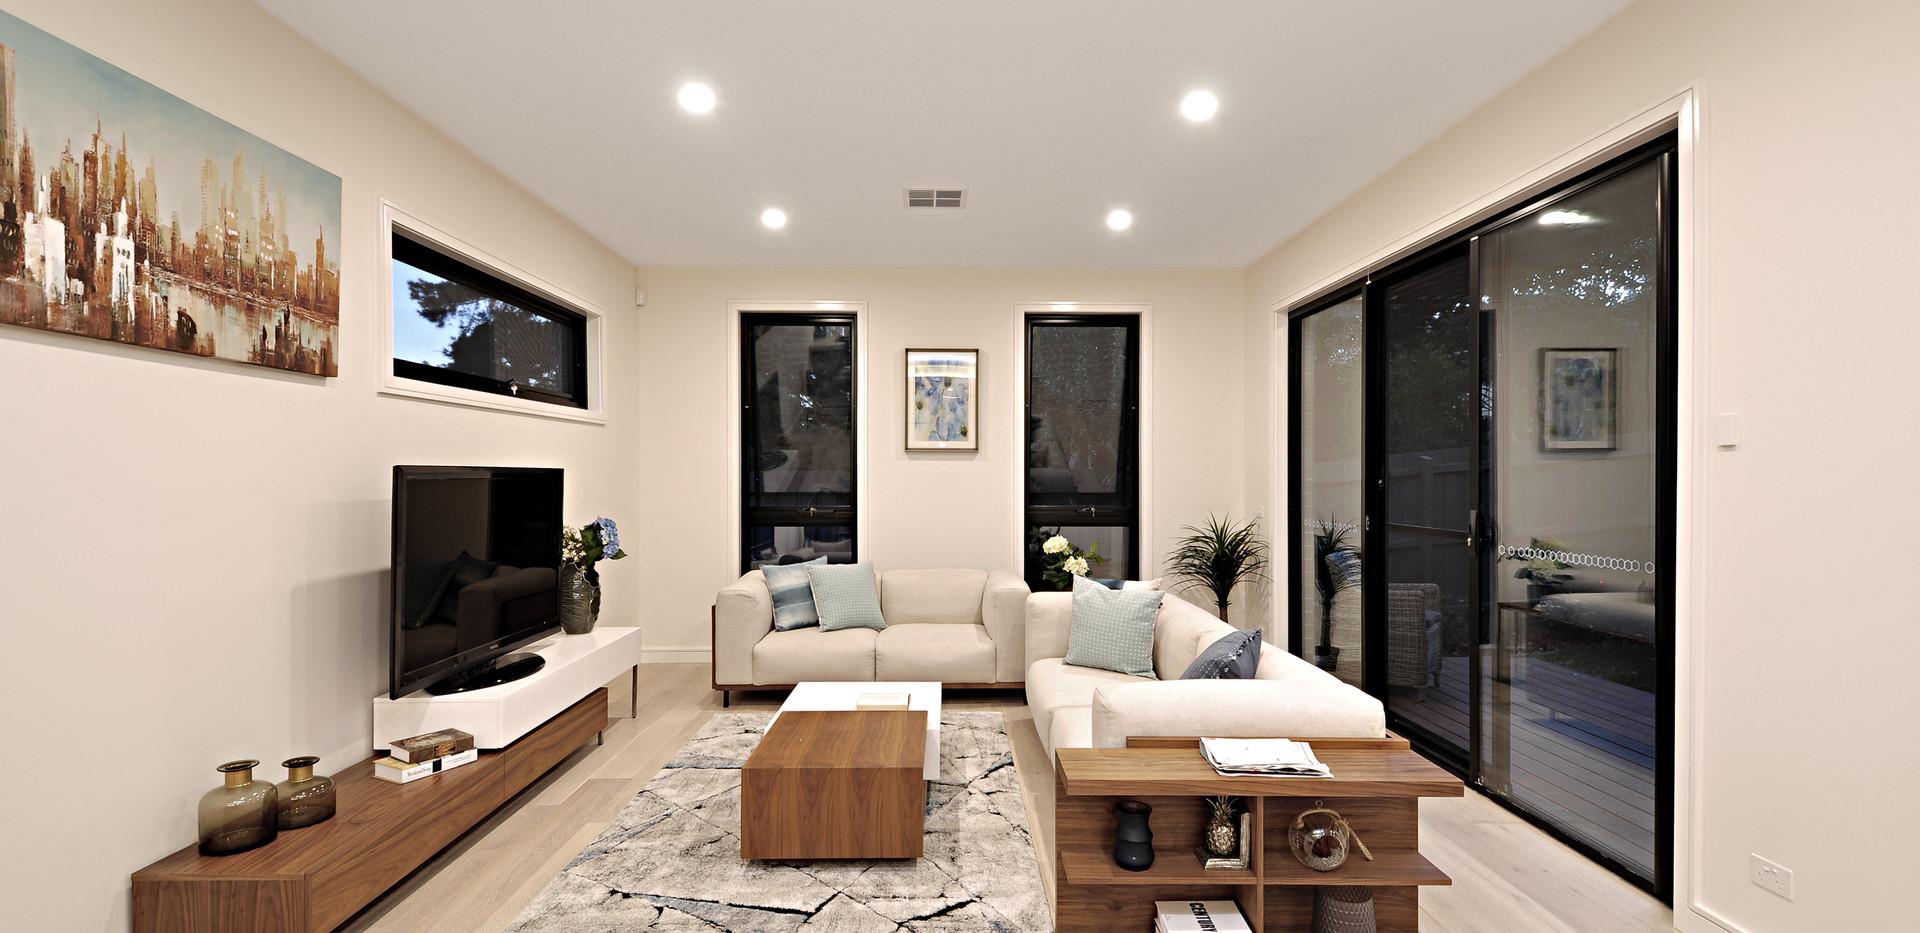 Whittens Living Room